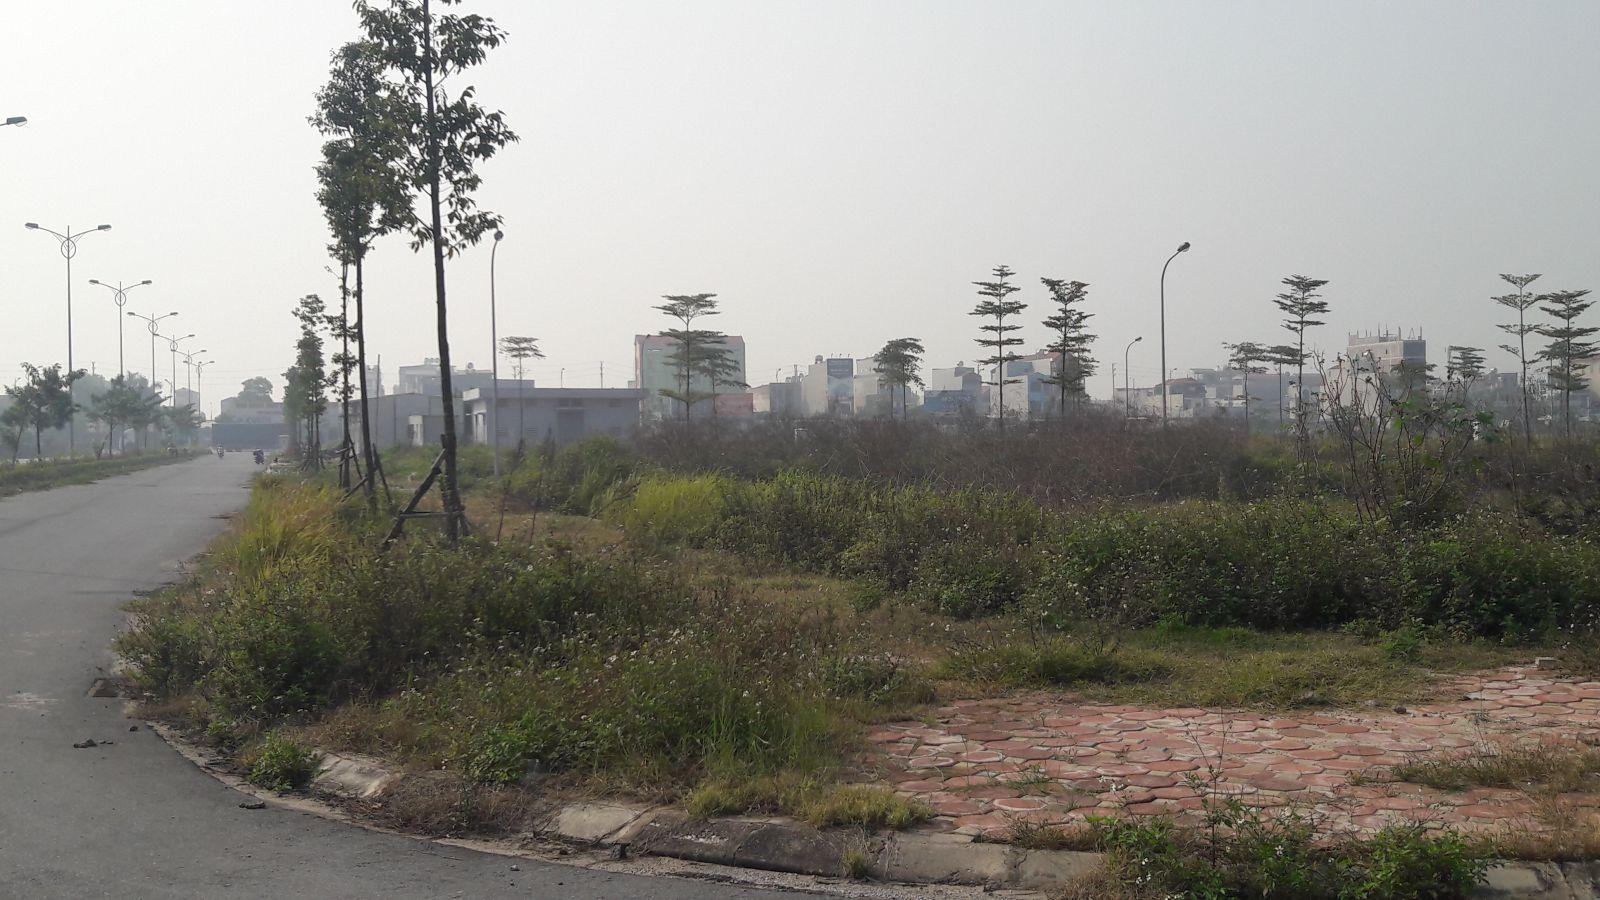 """Cơ quan CSĐT Công an tỉnh Bắc Ninh đã khởi tố vụ án hình sự """"Lừa đảo chiếm đoạt tài sản"""", xảy ra tại Công ty Cổ phần bất động sản Tú Minh trong việc bán đất tại Dự án KĐTM Quế Võ (ảnh trên)."""